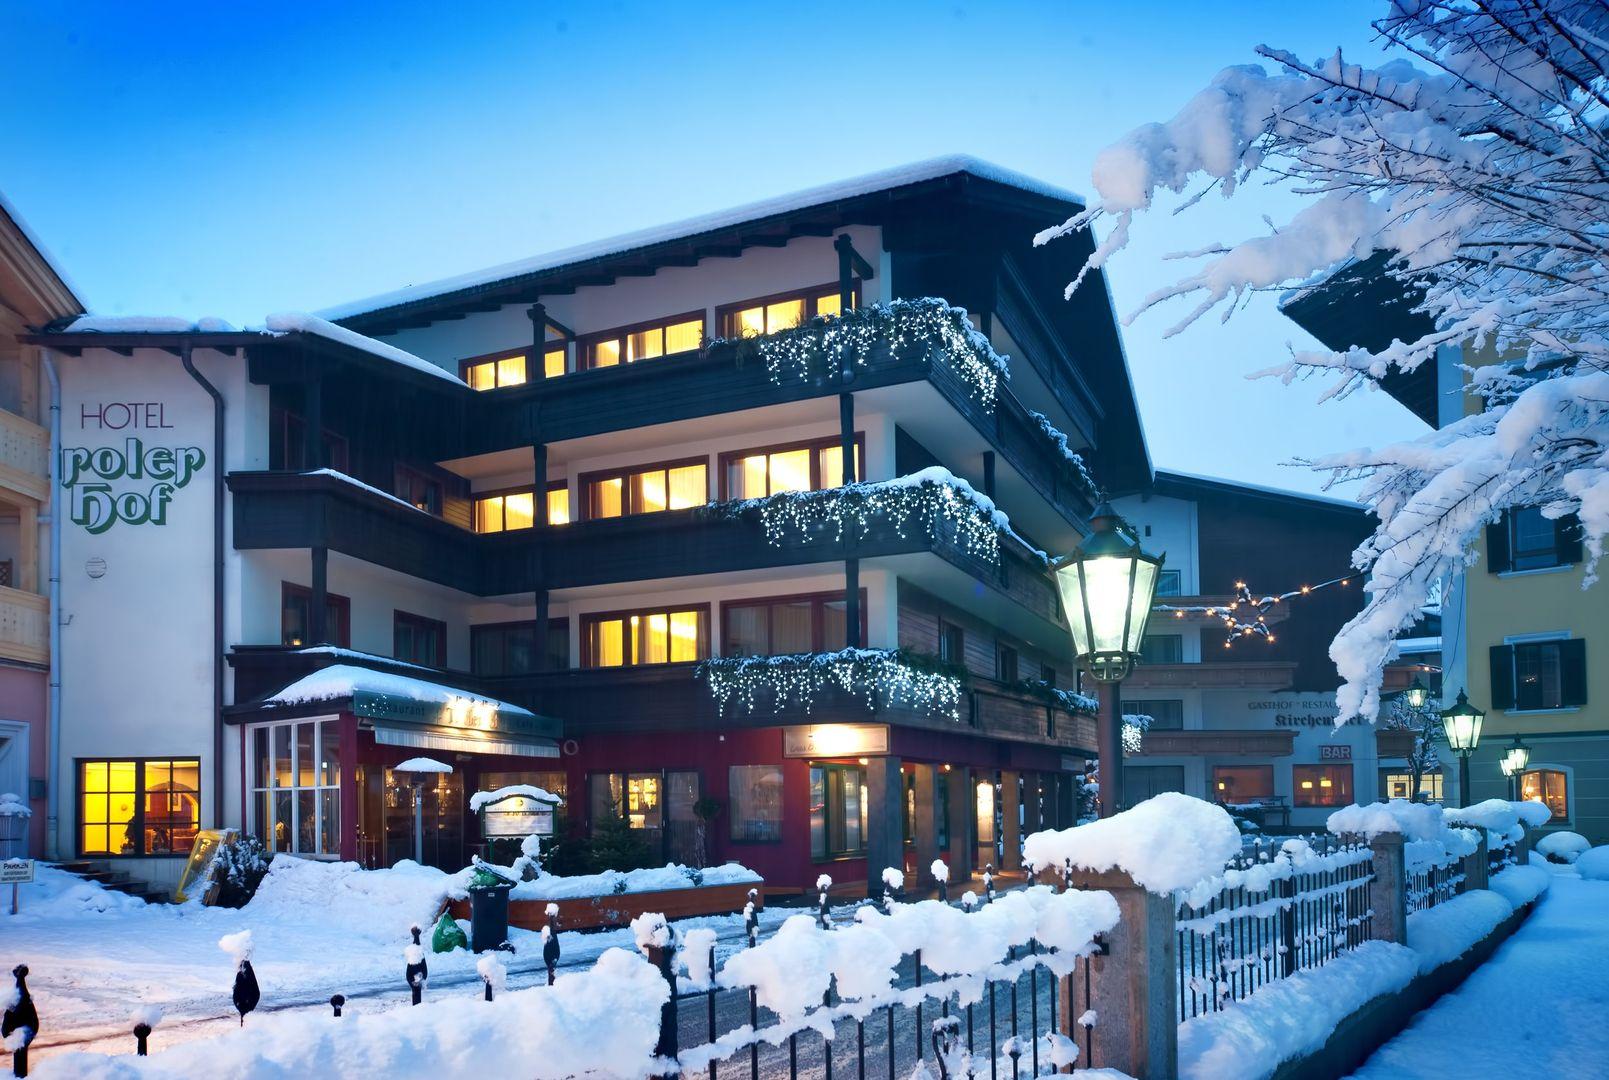 hotel lieblingsplatz mein tirolerhof